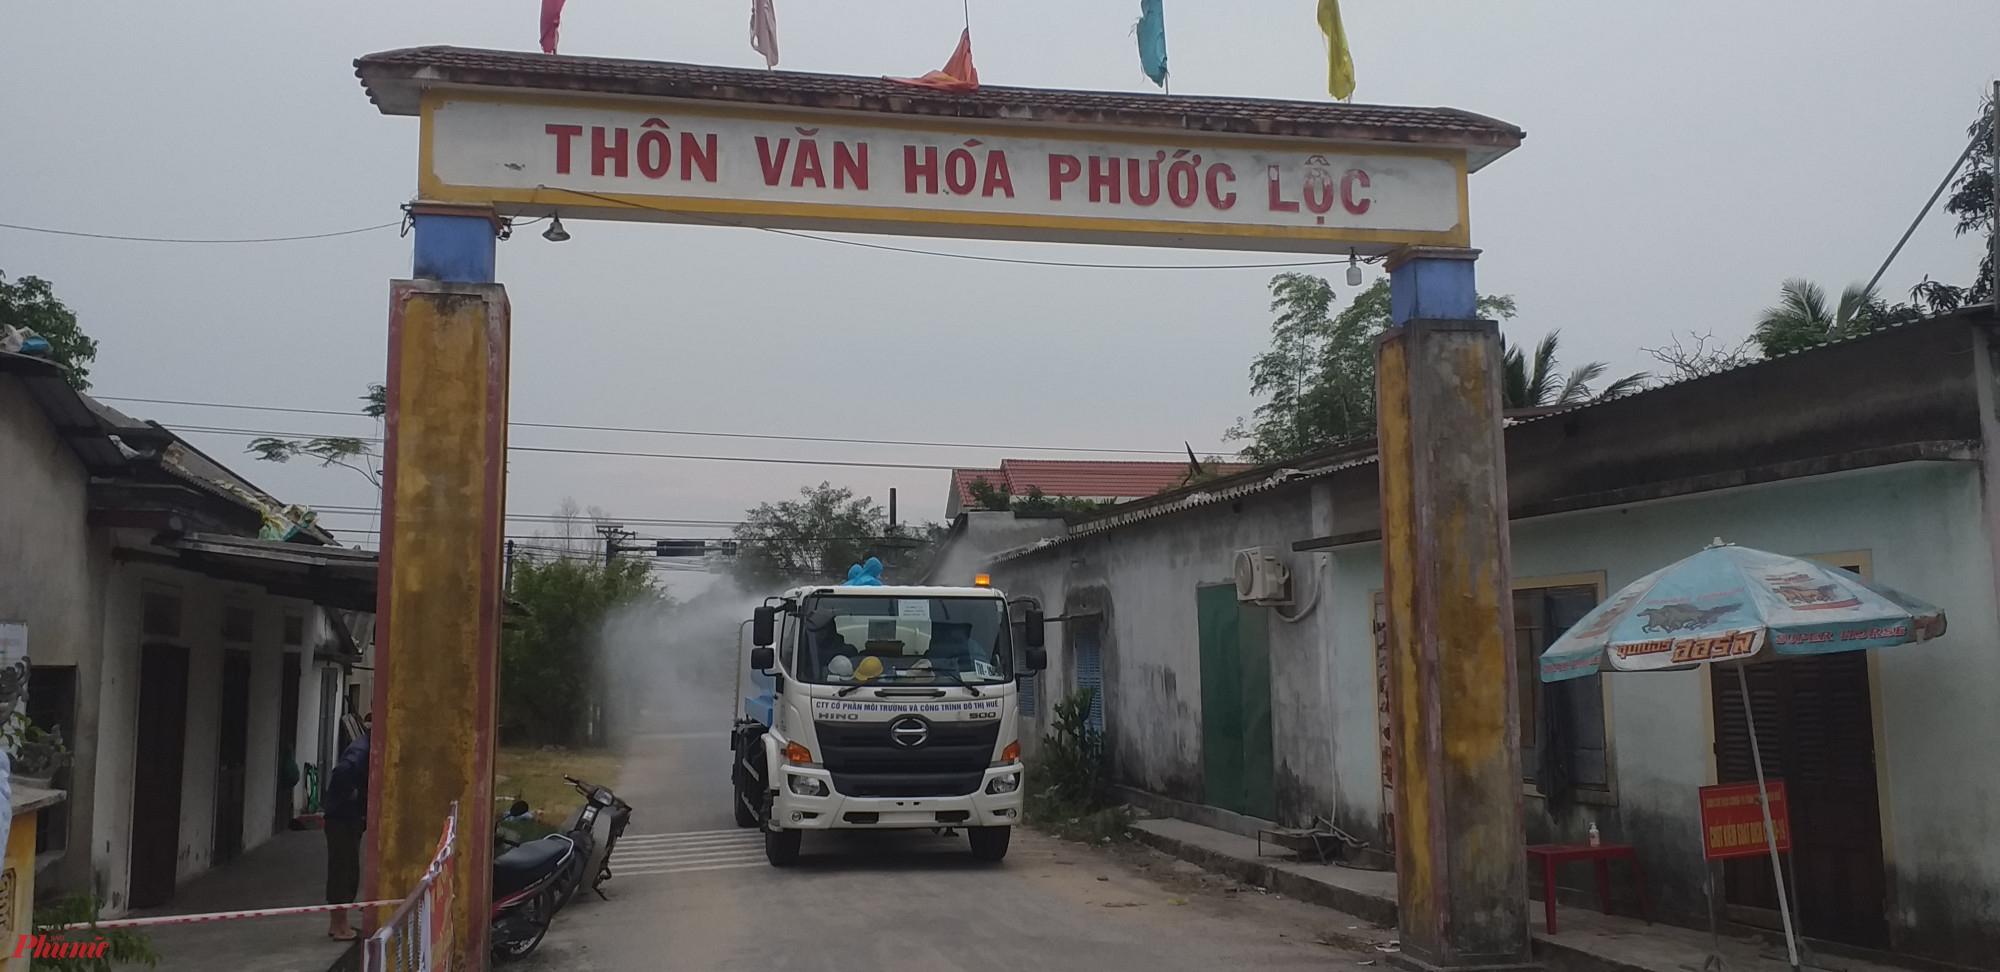 Trong lúc đó Phước Lộc, Phước An (xã Lộc Tiến) và Phú Hải (xã Lộc Vĩnh) vẫn còn thực hiện lệnh phong tỏa, cách ly y tế